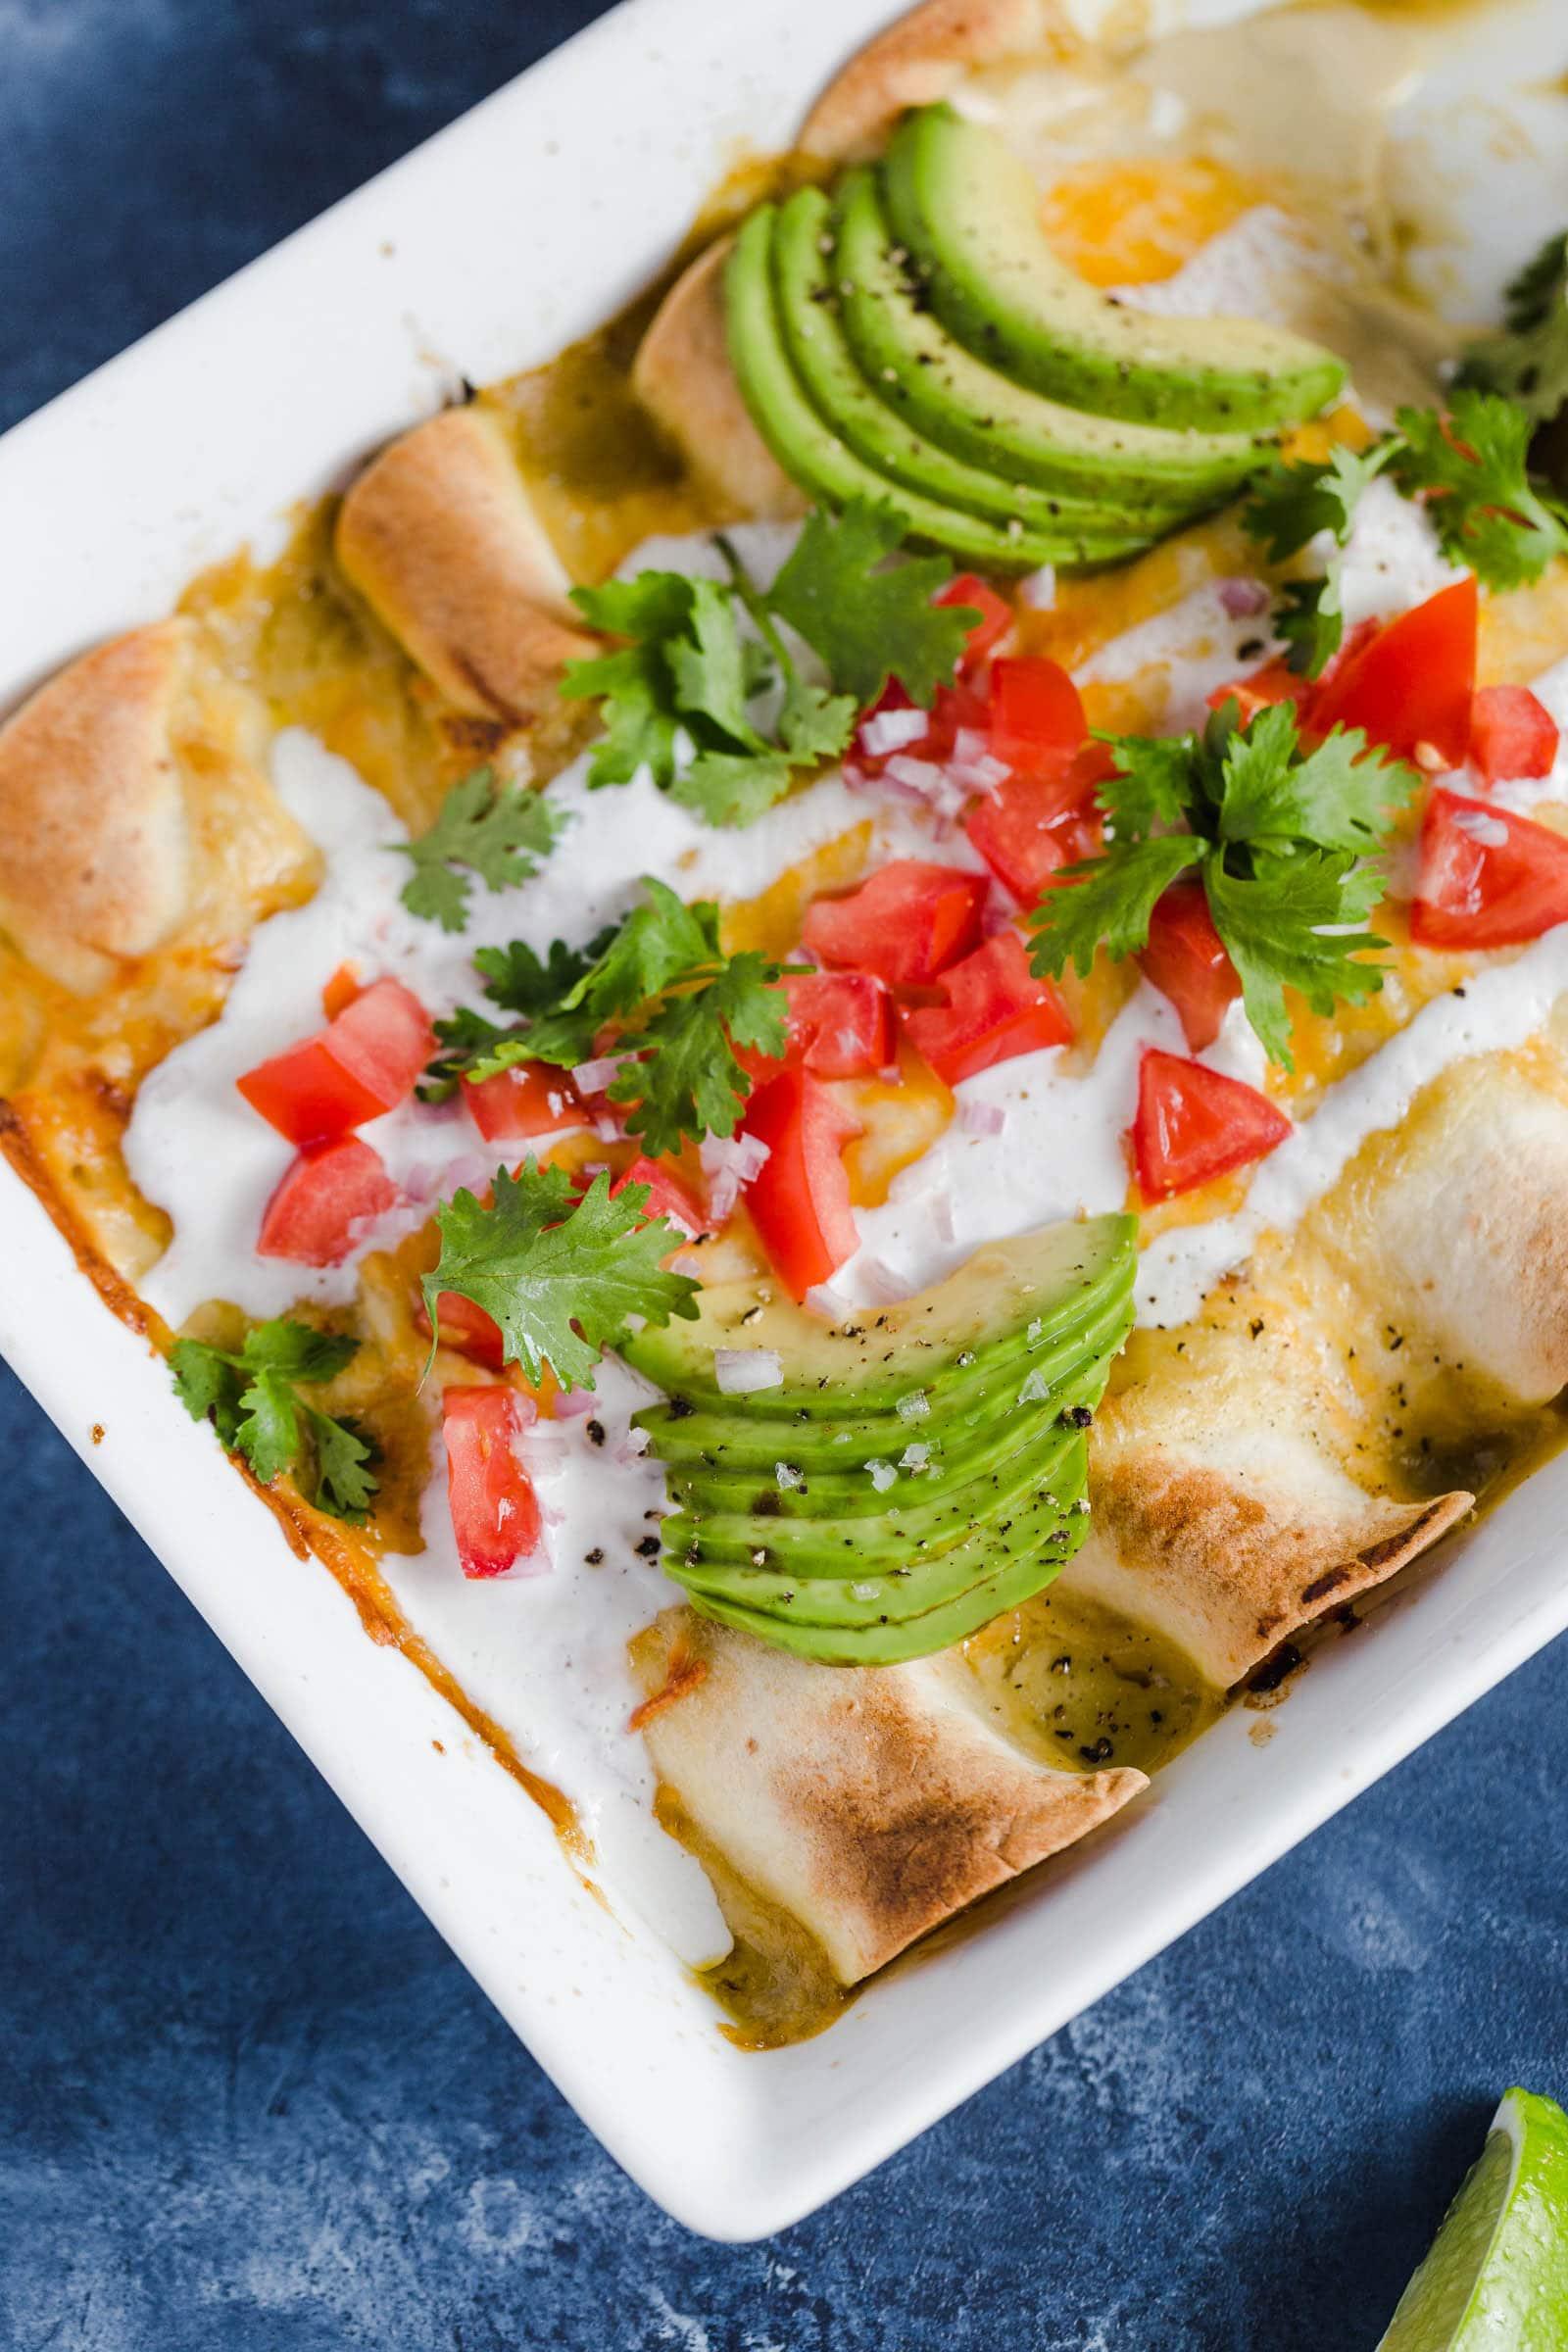 A baking dish of chicken enchiladas